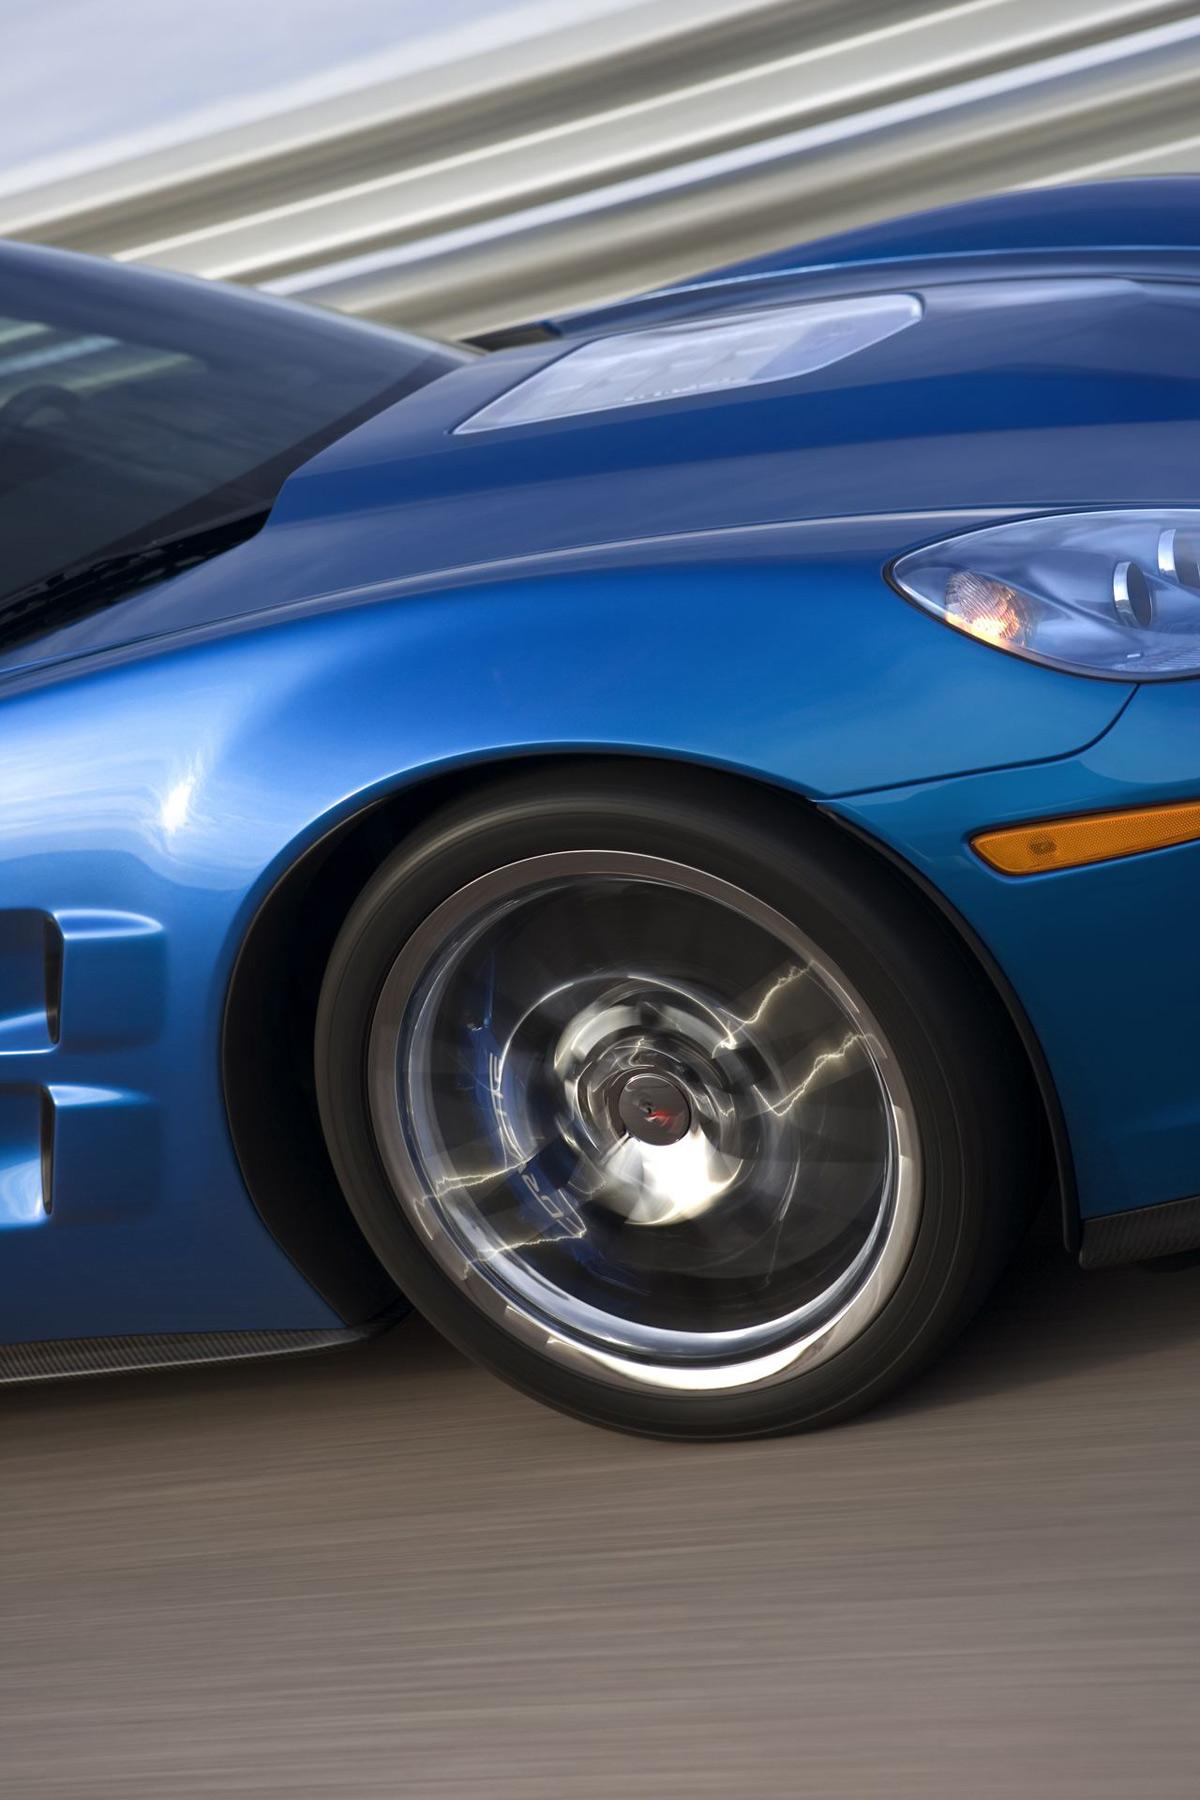 chevrolet-corvette-zr1-themotorreport-16.jpg